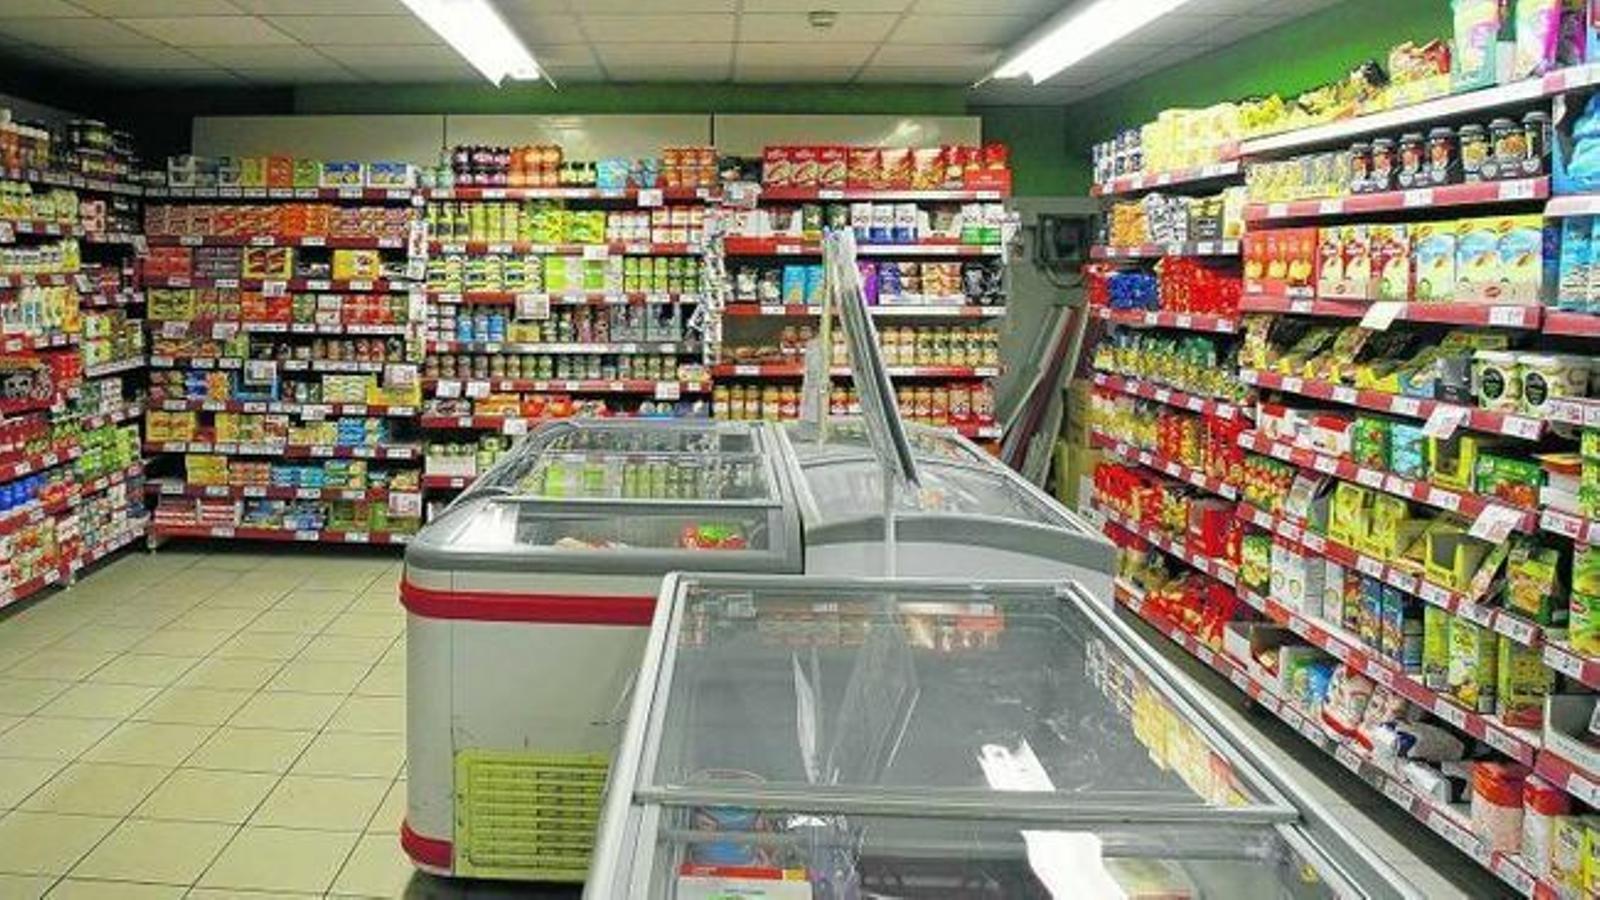 A Espanya, les vendes del comerç minorista varen créixer el 5,5%.